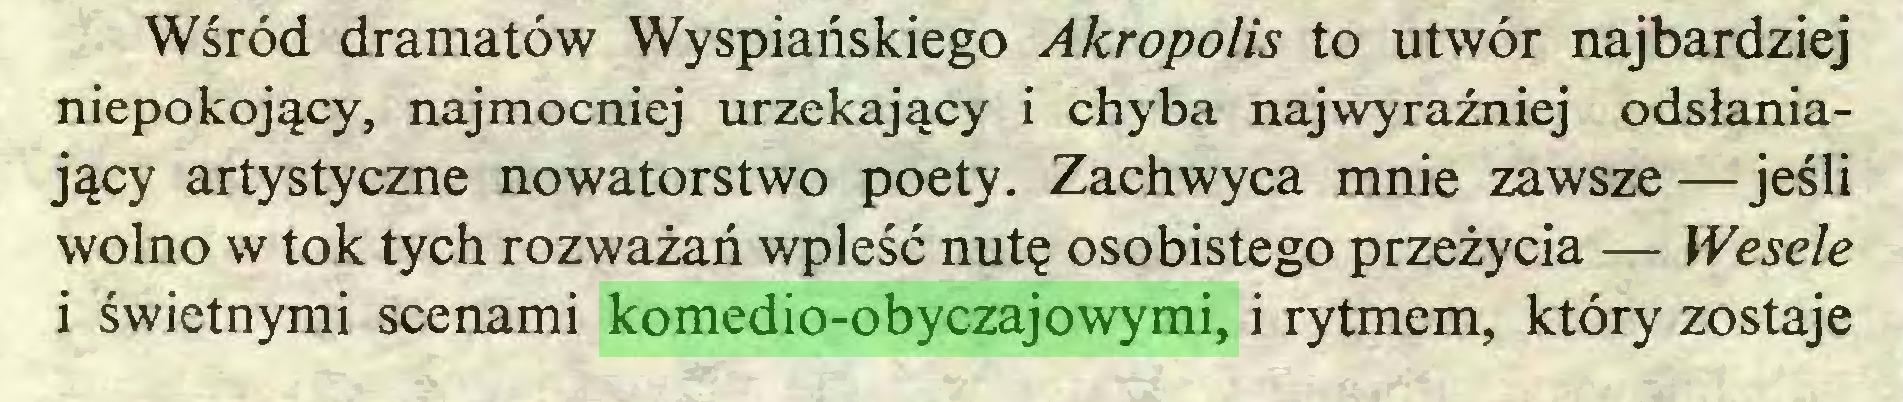 (...) Wśród dramatów Wyspiańskiego Akropolis to utwór najbardziej niepokojący, najmocniej urzekający i chyba najwyraźniej odsłaniający artystyczne nowatorstwo poety. Zachwyca mnie zawsze—jeśli wolno w tok tych rozważań wpleść nutę osobistego przeżycia — Wesele i świetnymi scenami komedio-obyczajowymi, i rytmem, który zostaje...